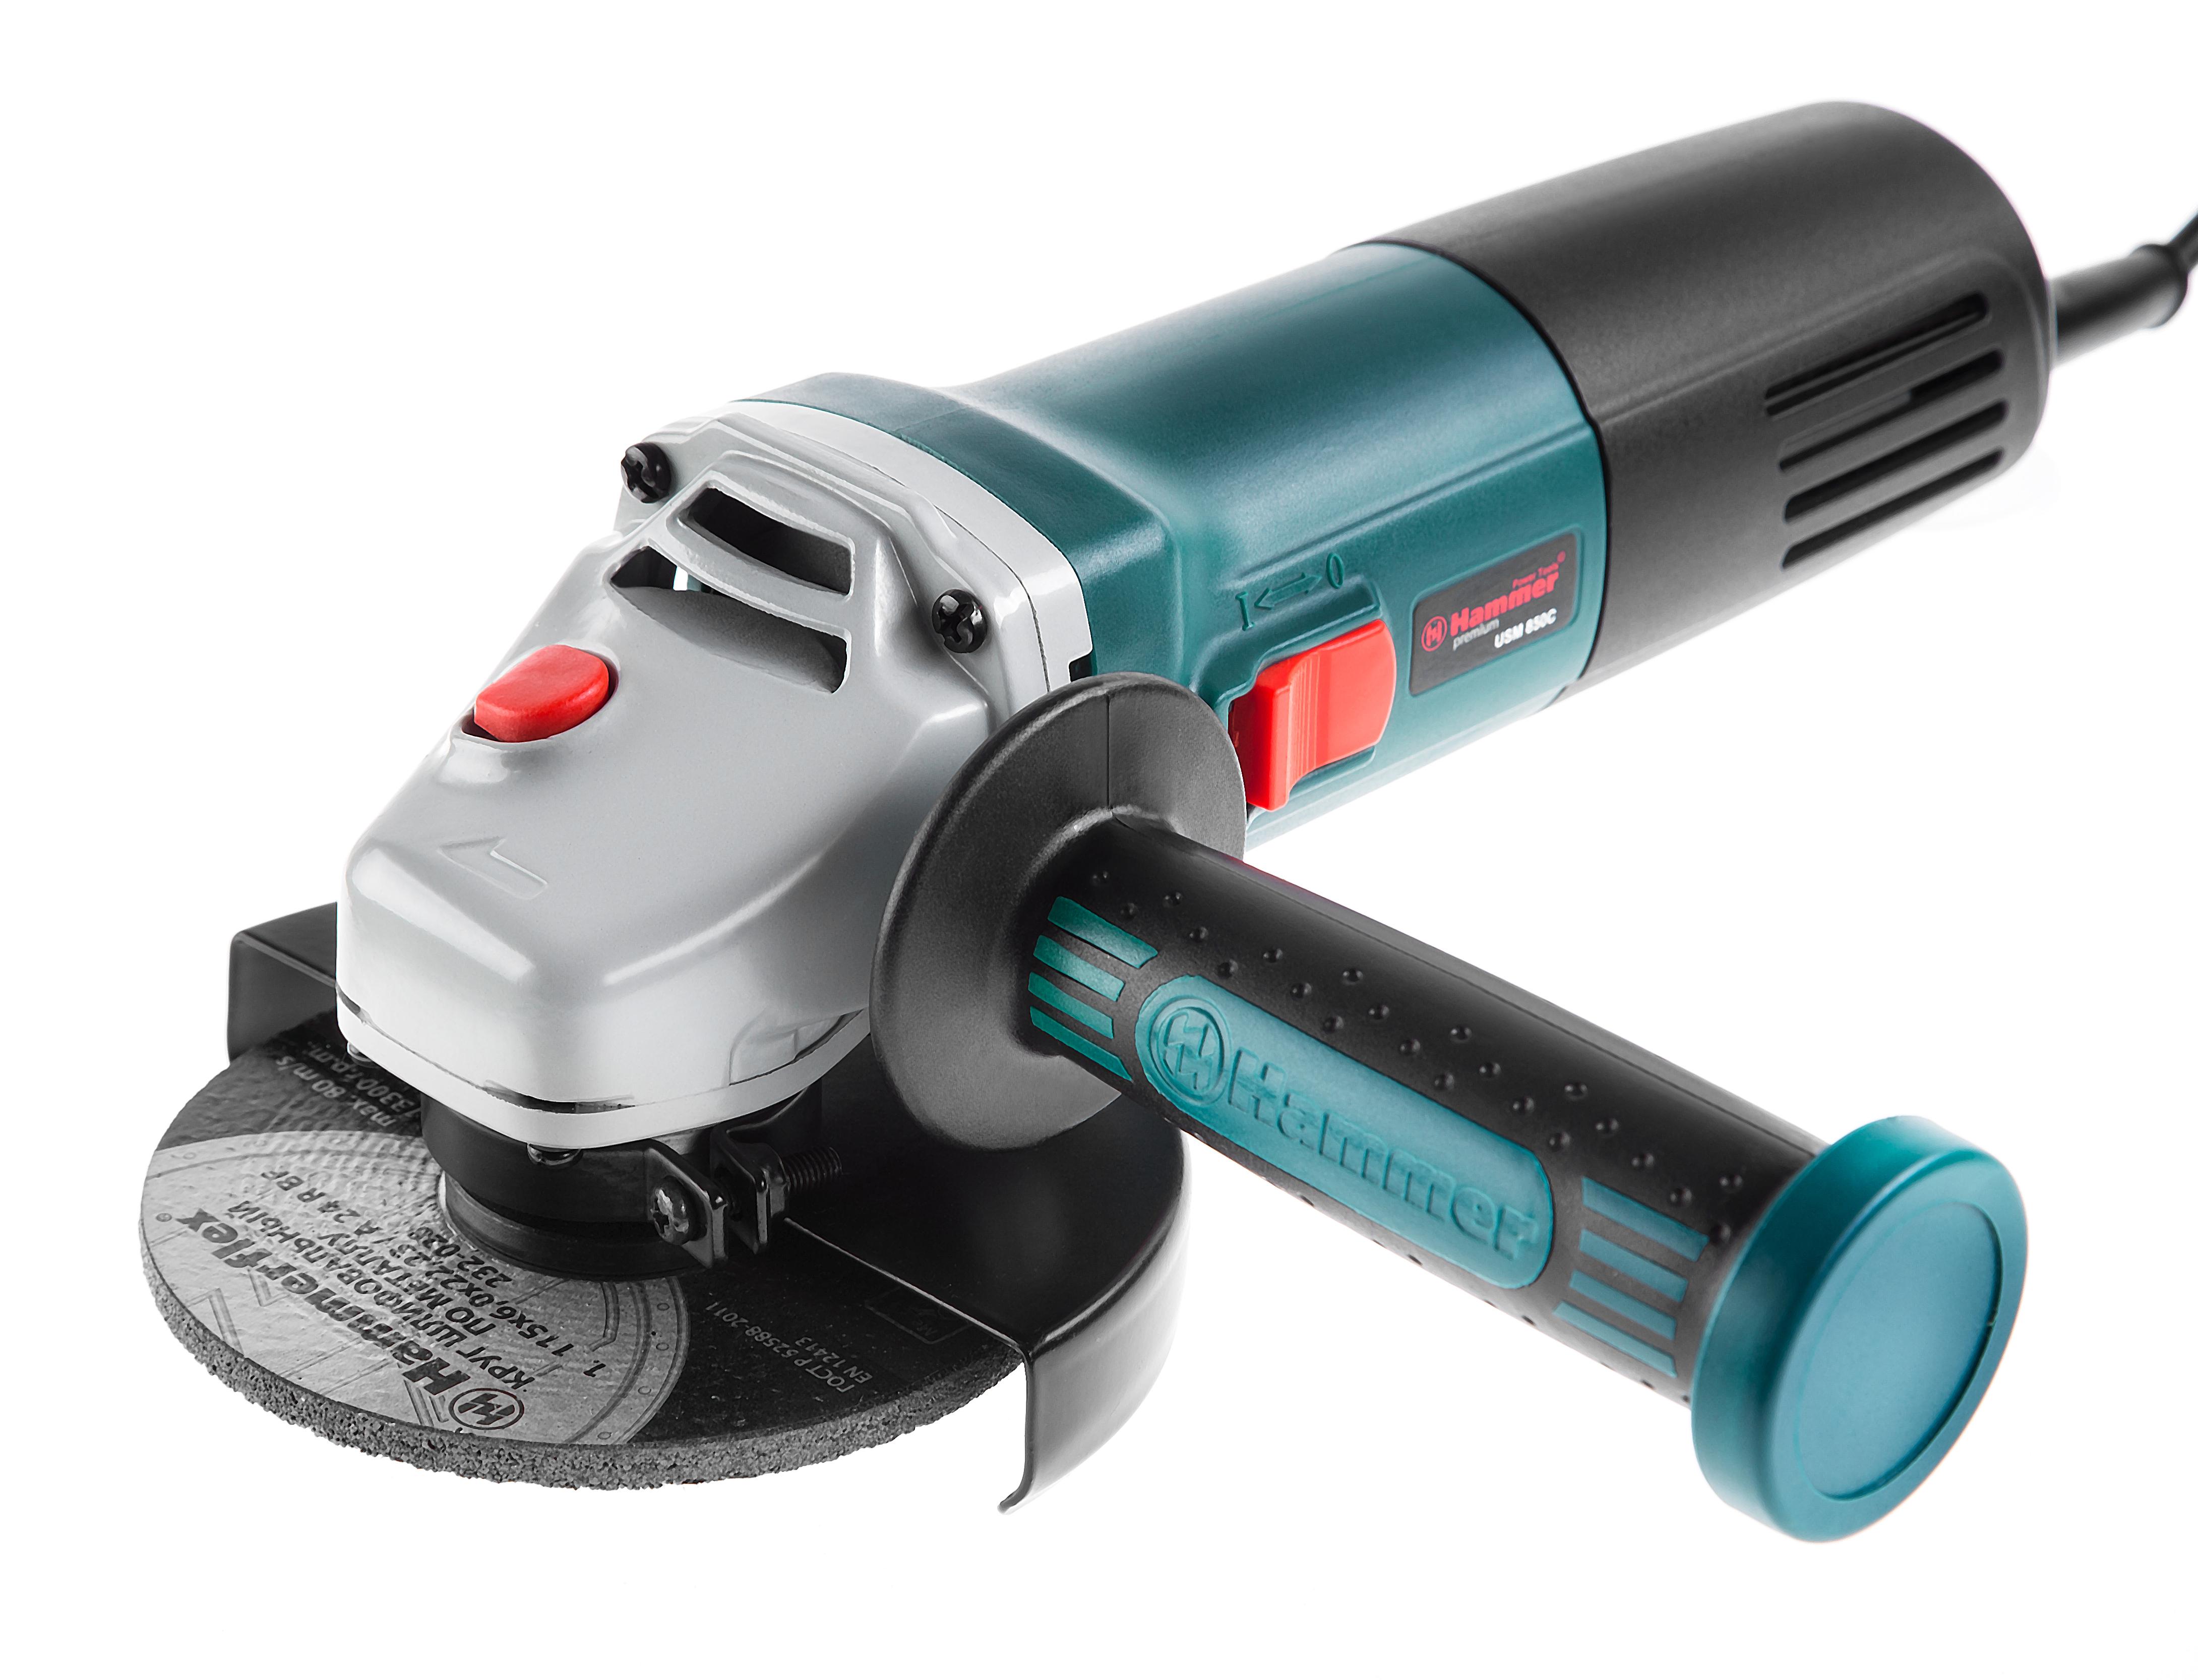 УШМ (болгарка) Hammer Usm850c premium hammer udd710c premium